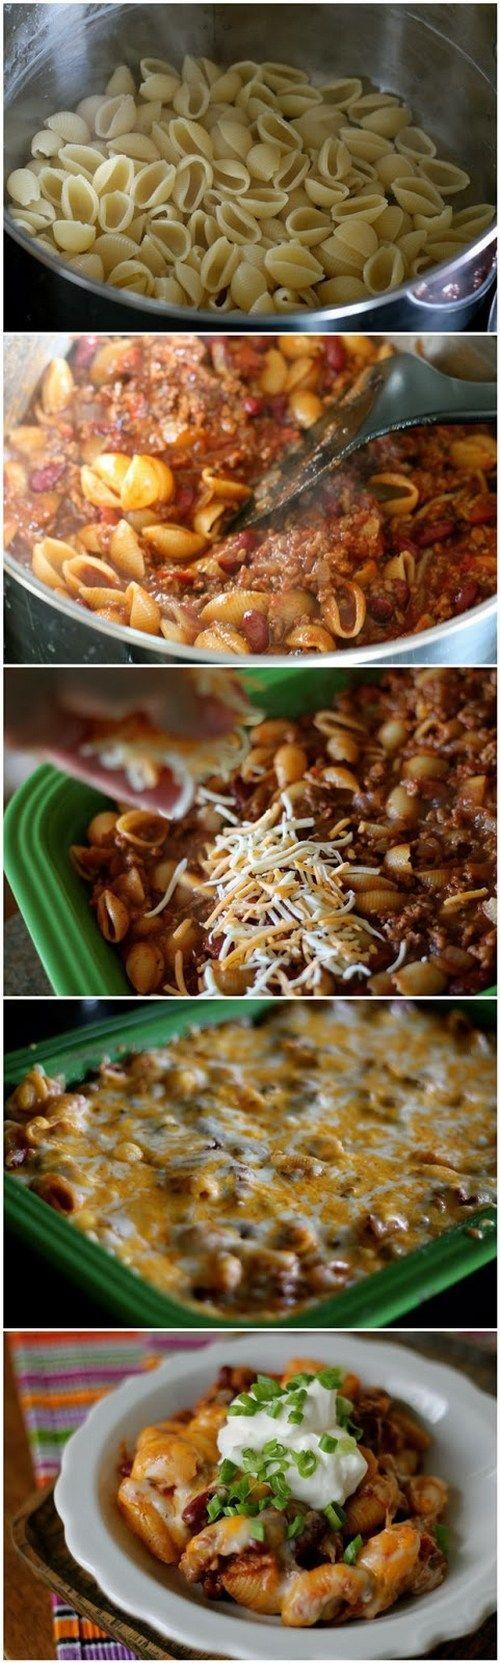 Delicious fire roasted tomato pasta.